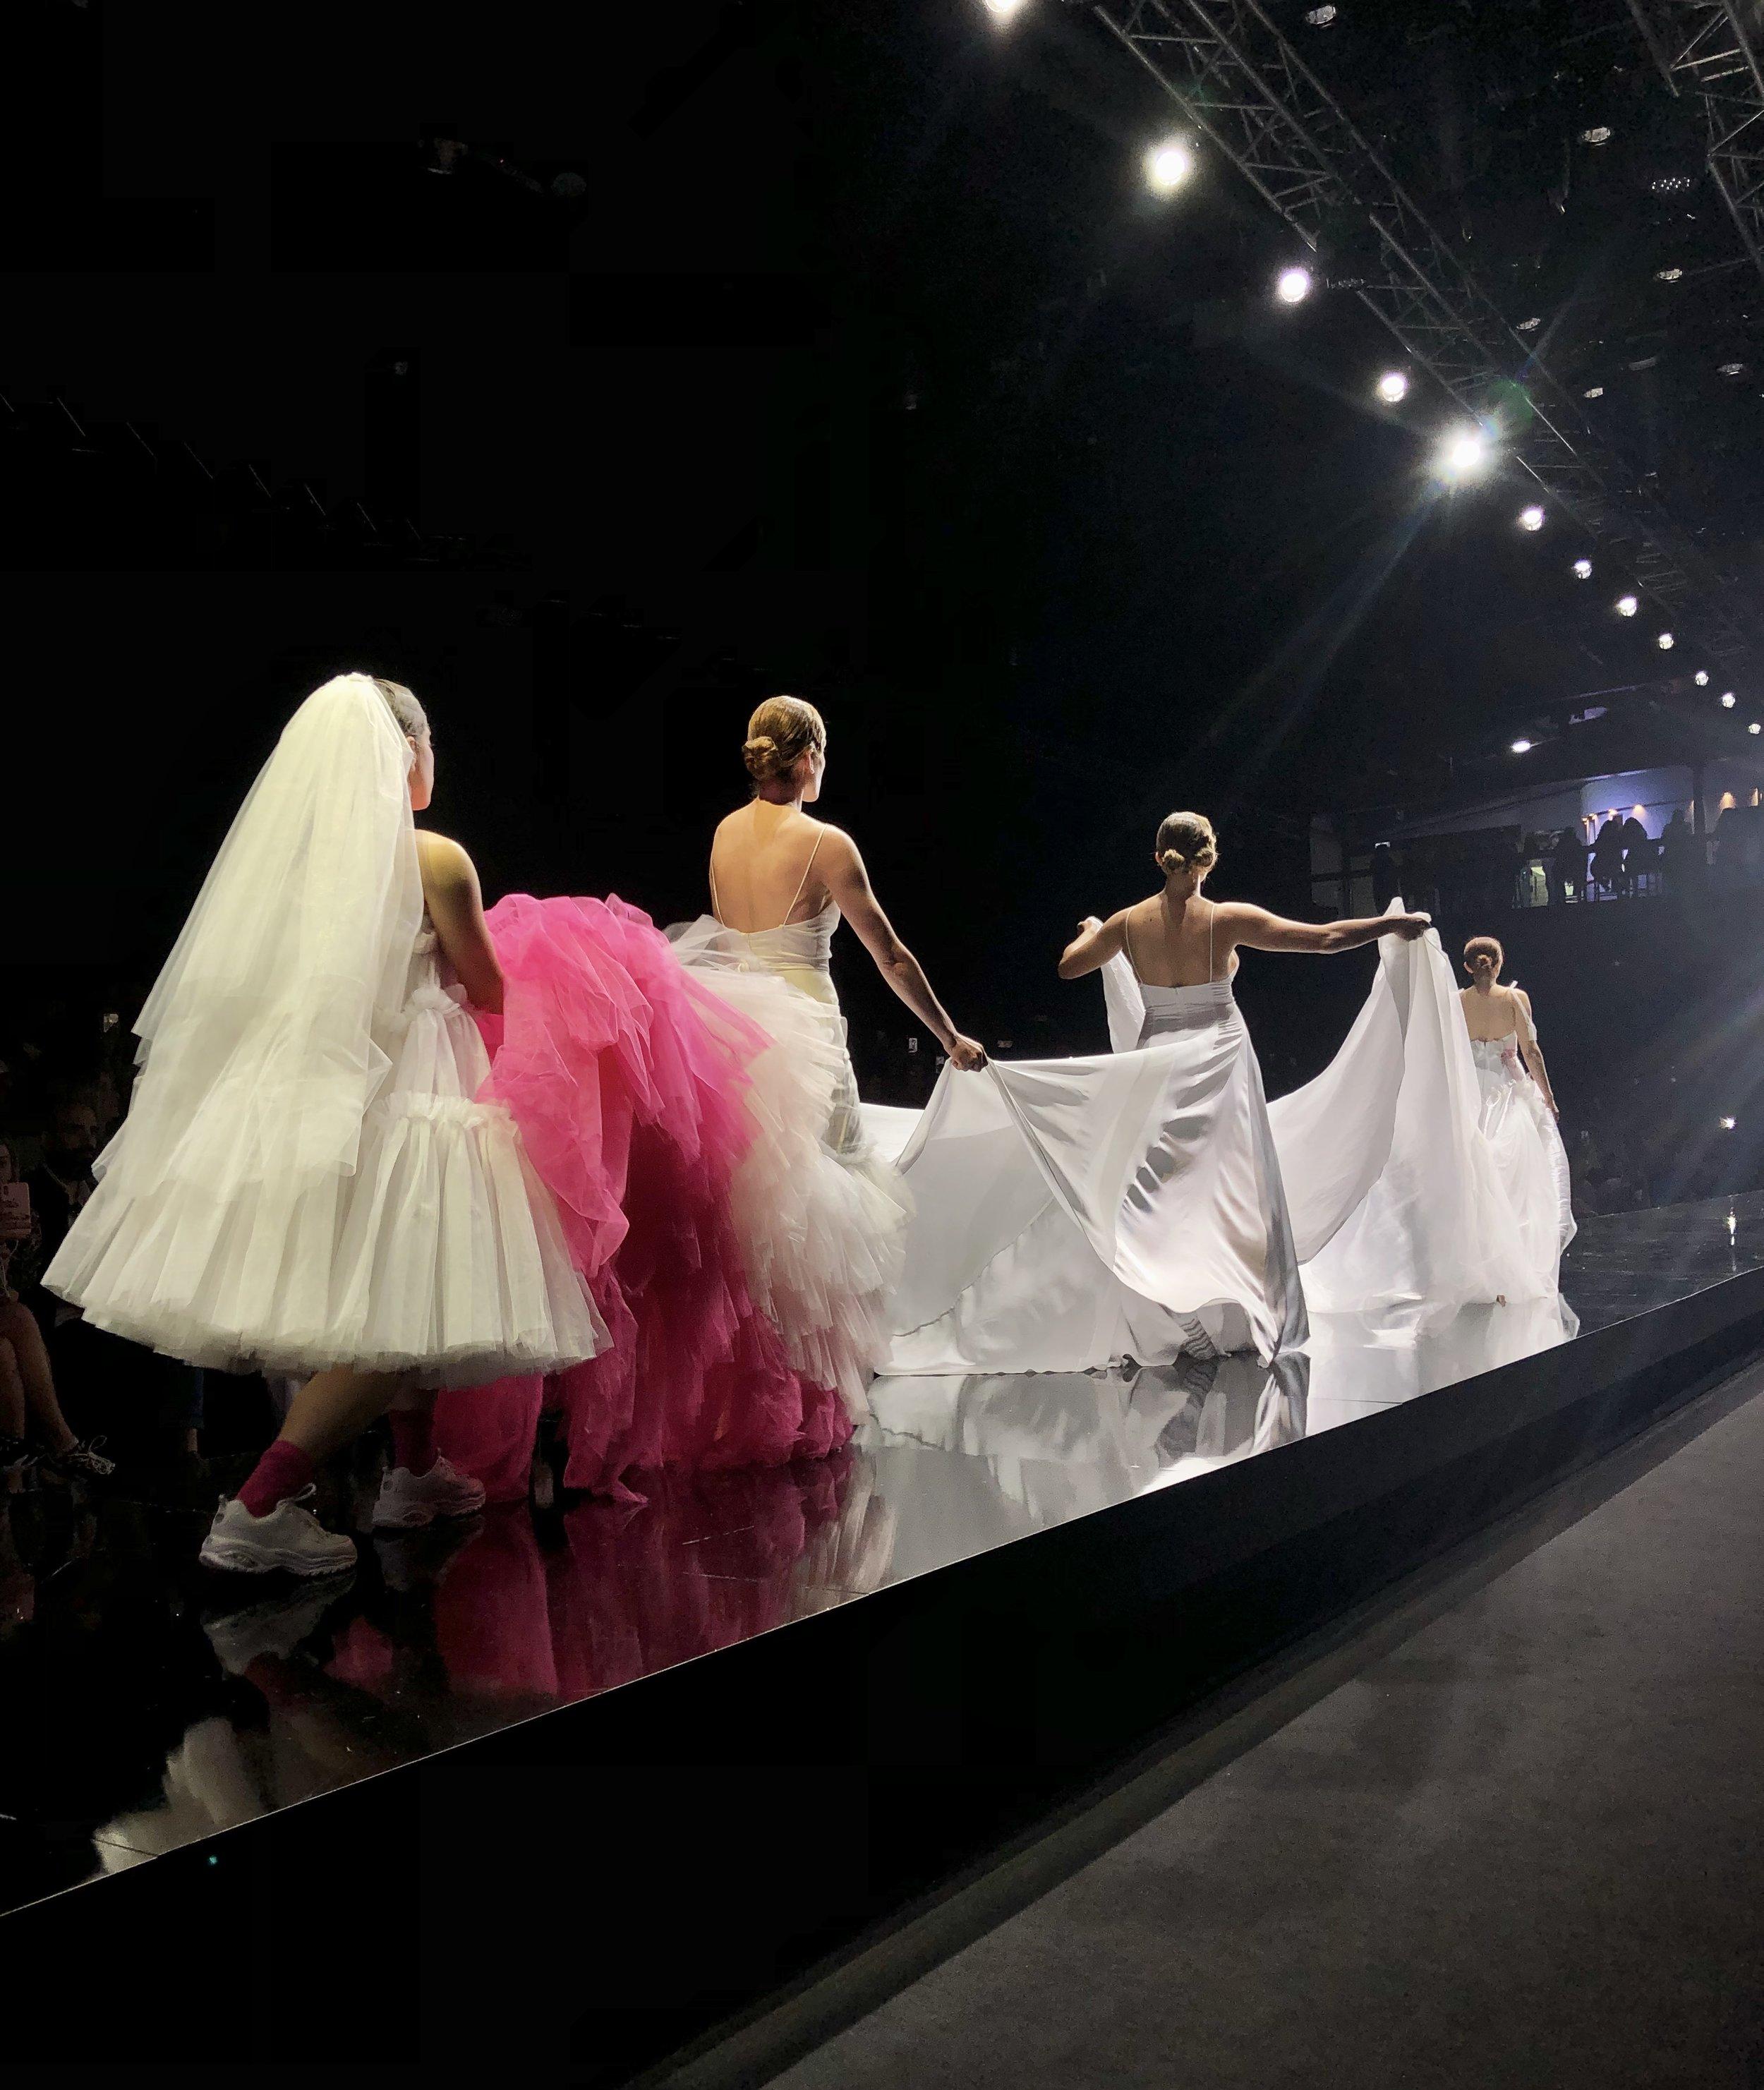 שחר אבנט שבוע האופנה תל אביב 2.jpg